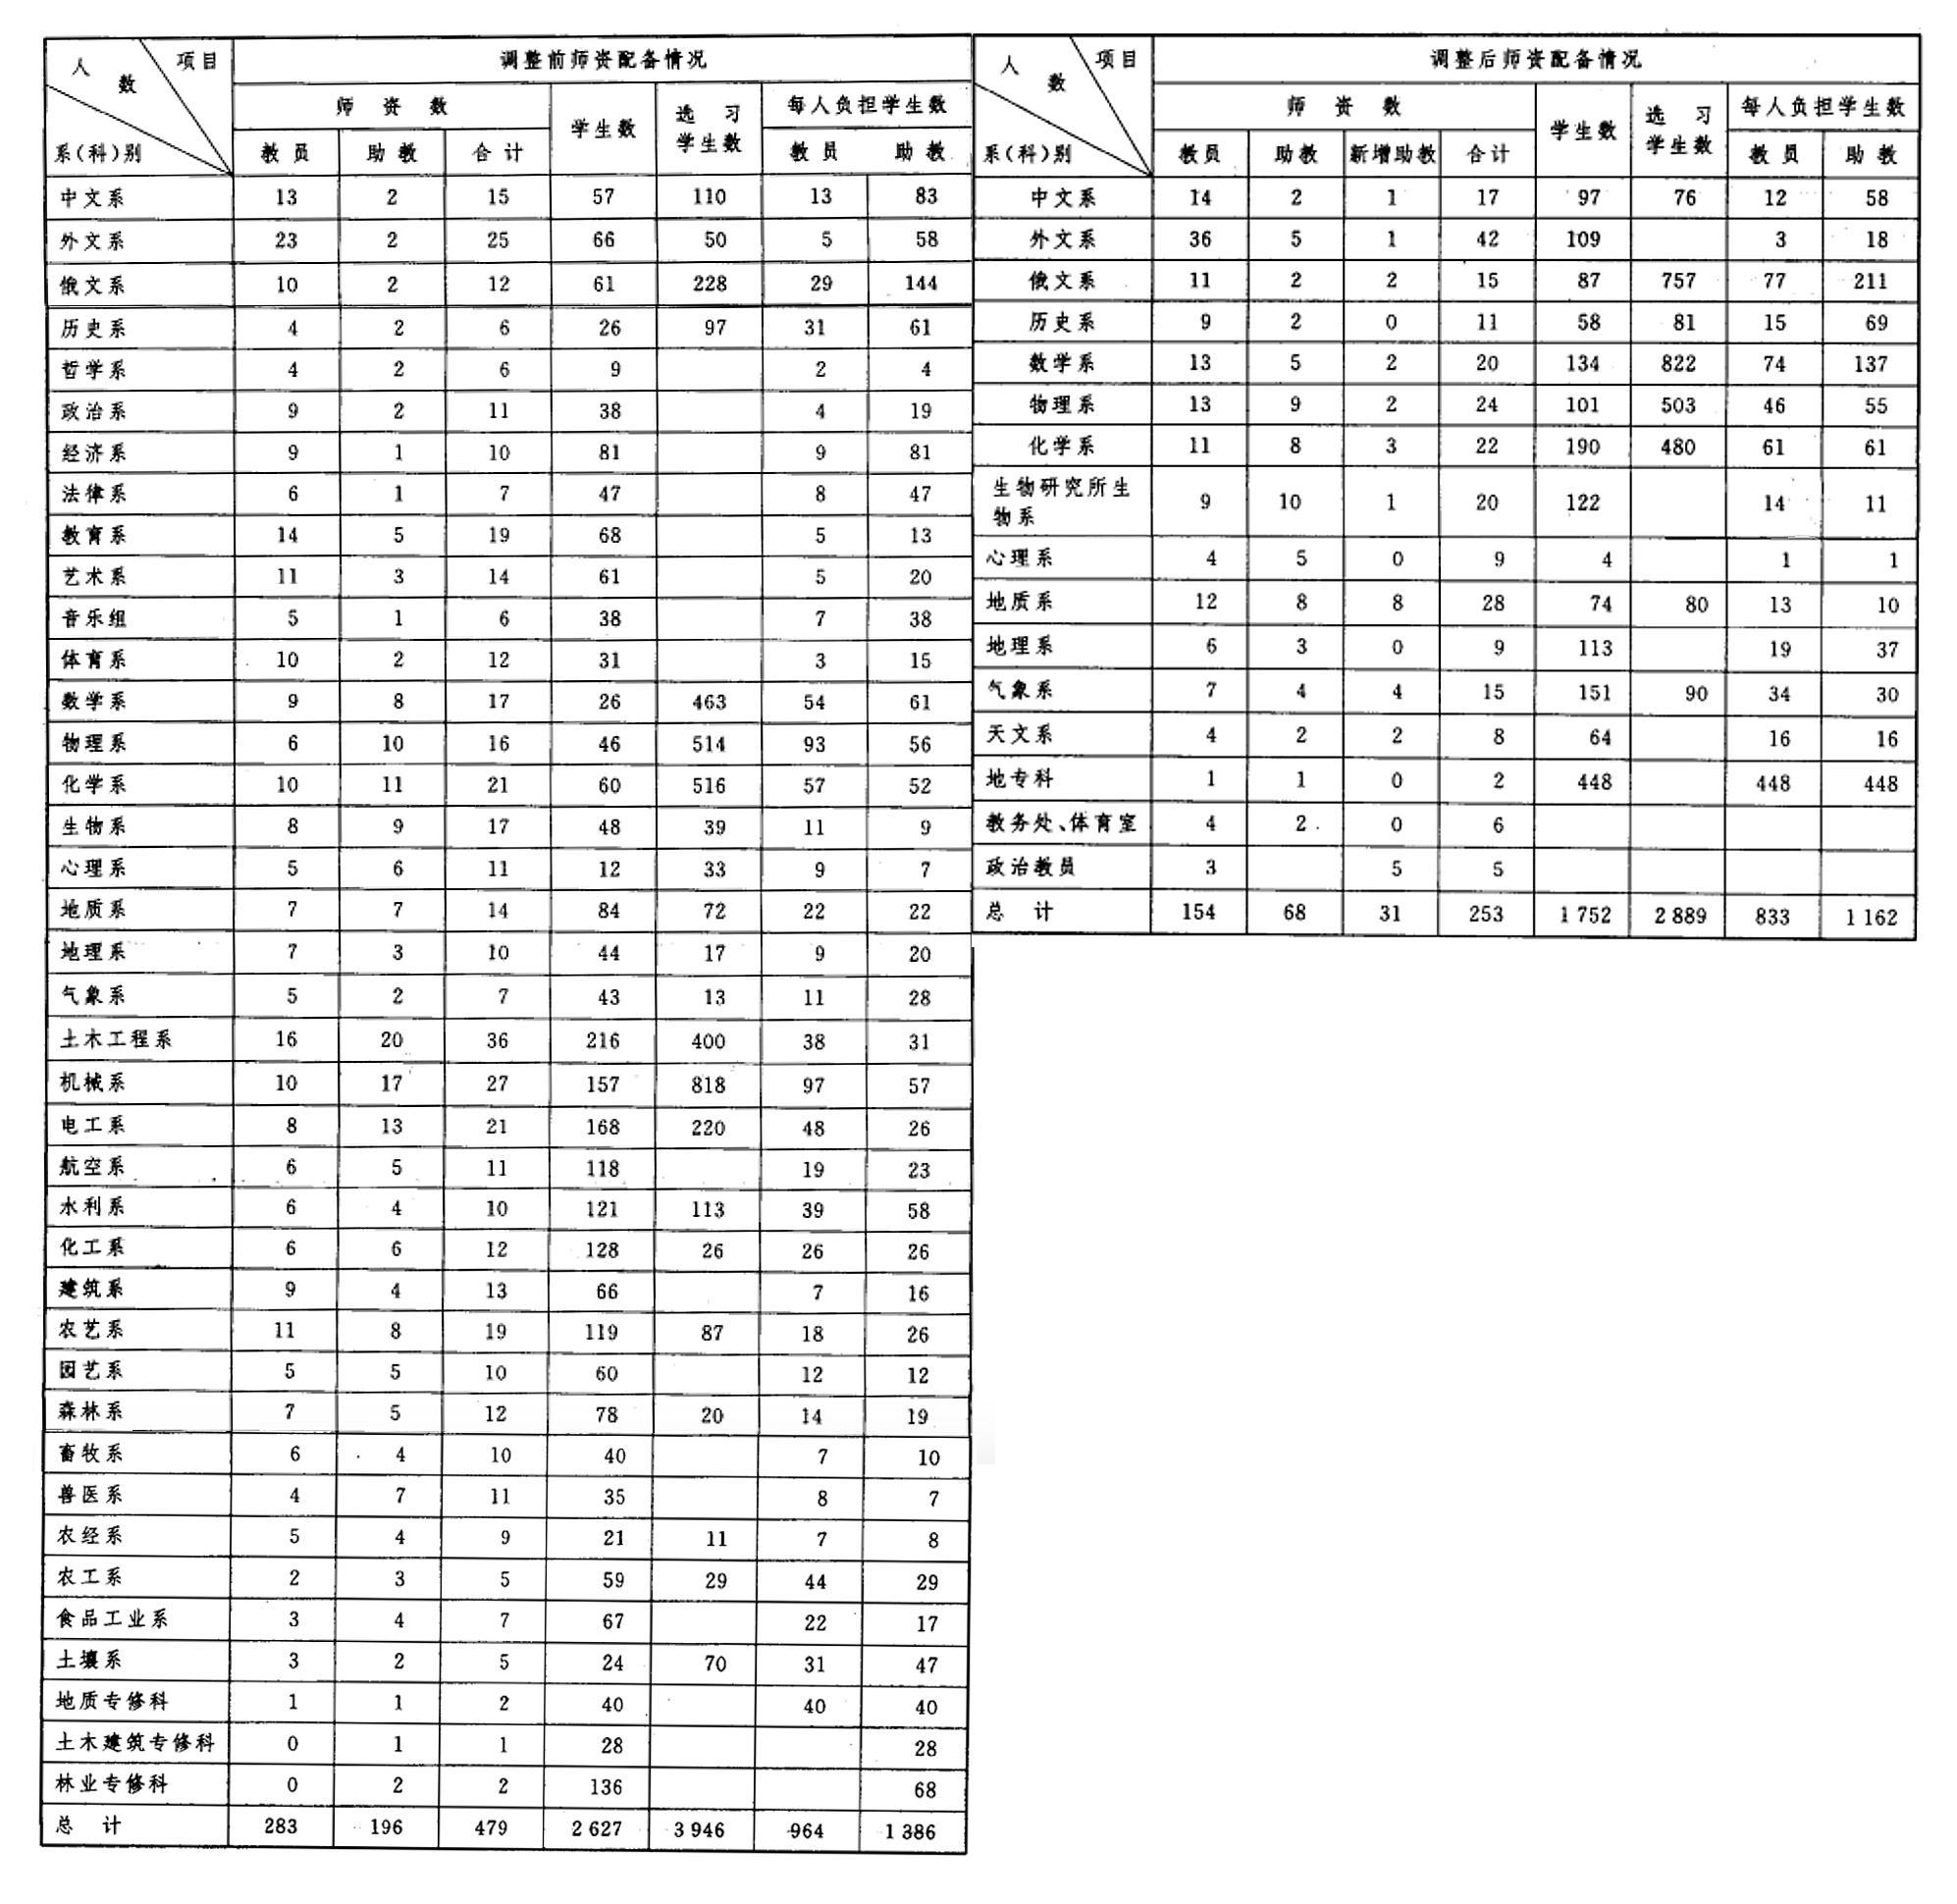 1952年南京大学院系调整前(左)与调整后(右)师生情况对比